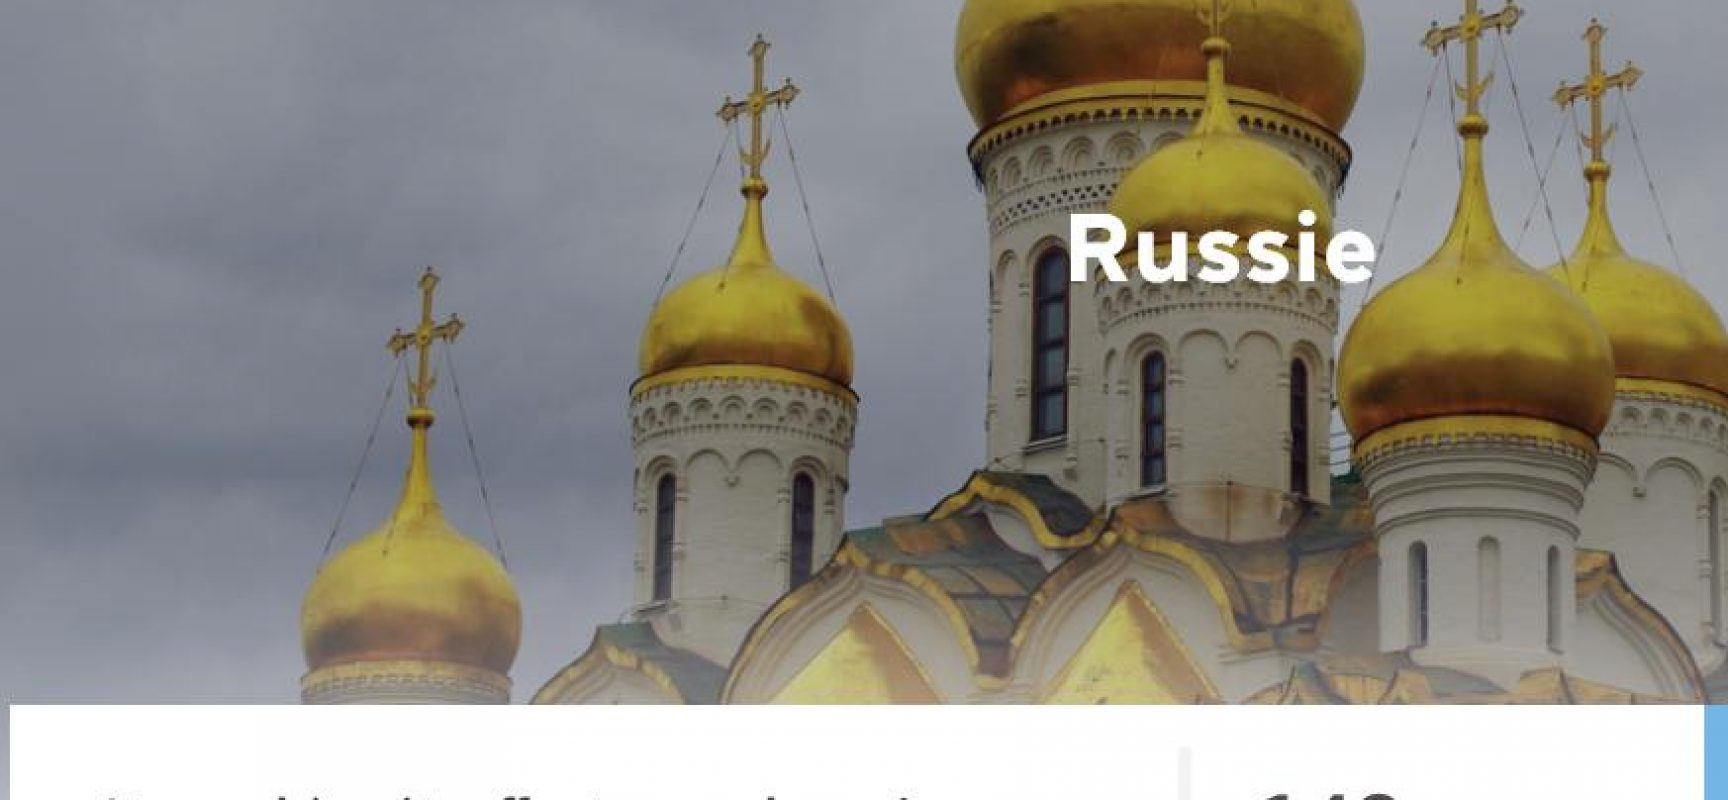 La Repubblica inserisce la Russia tra i paesi dove vi è libertà di stampa